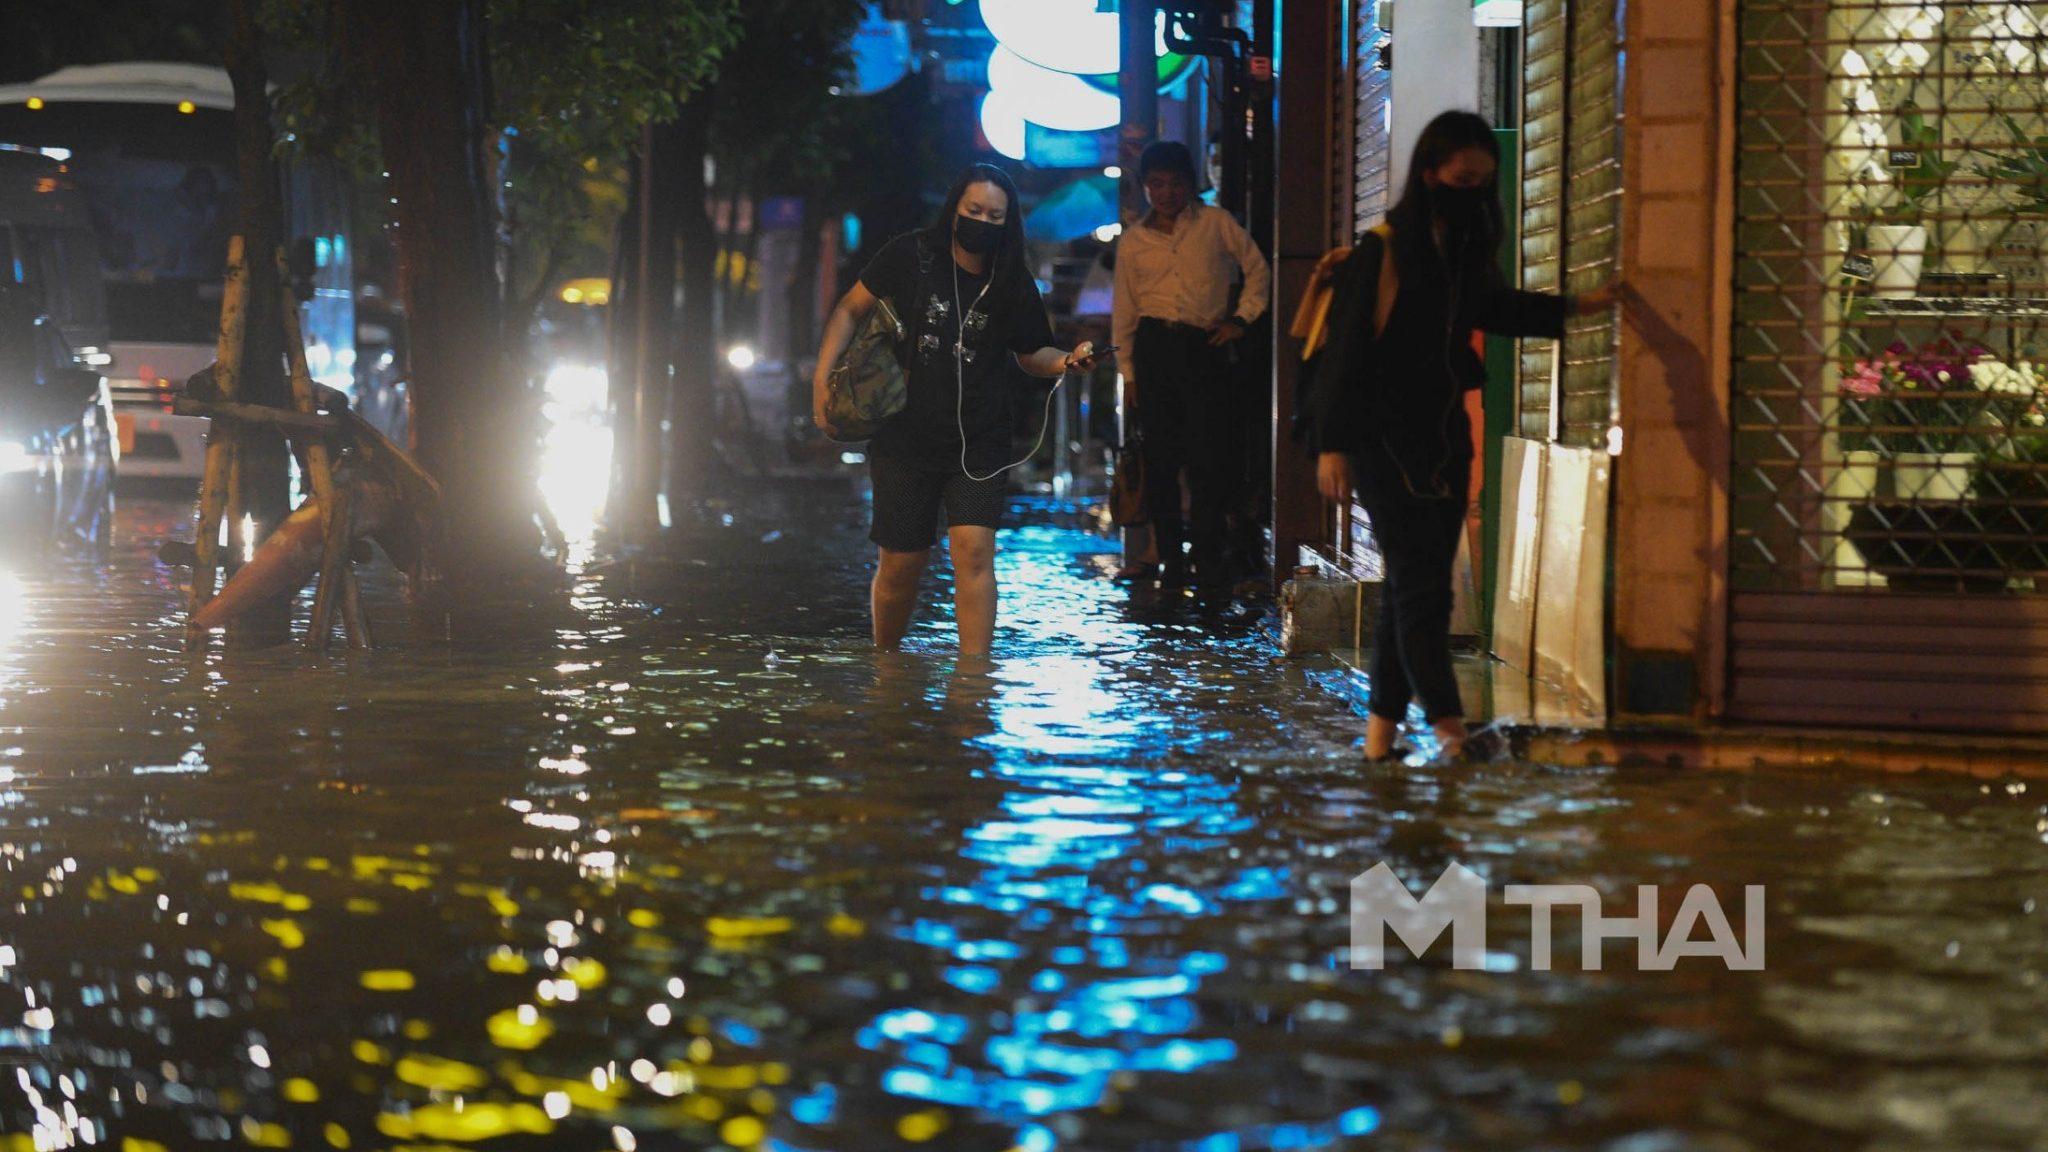 'ผู้ว่าฯ อัศวิน' แจงเหตุน้ำท่วมกรุงฯ เตือนวันนี้รับมือฝนตกอีกระลอก